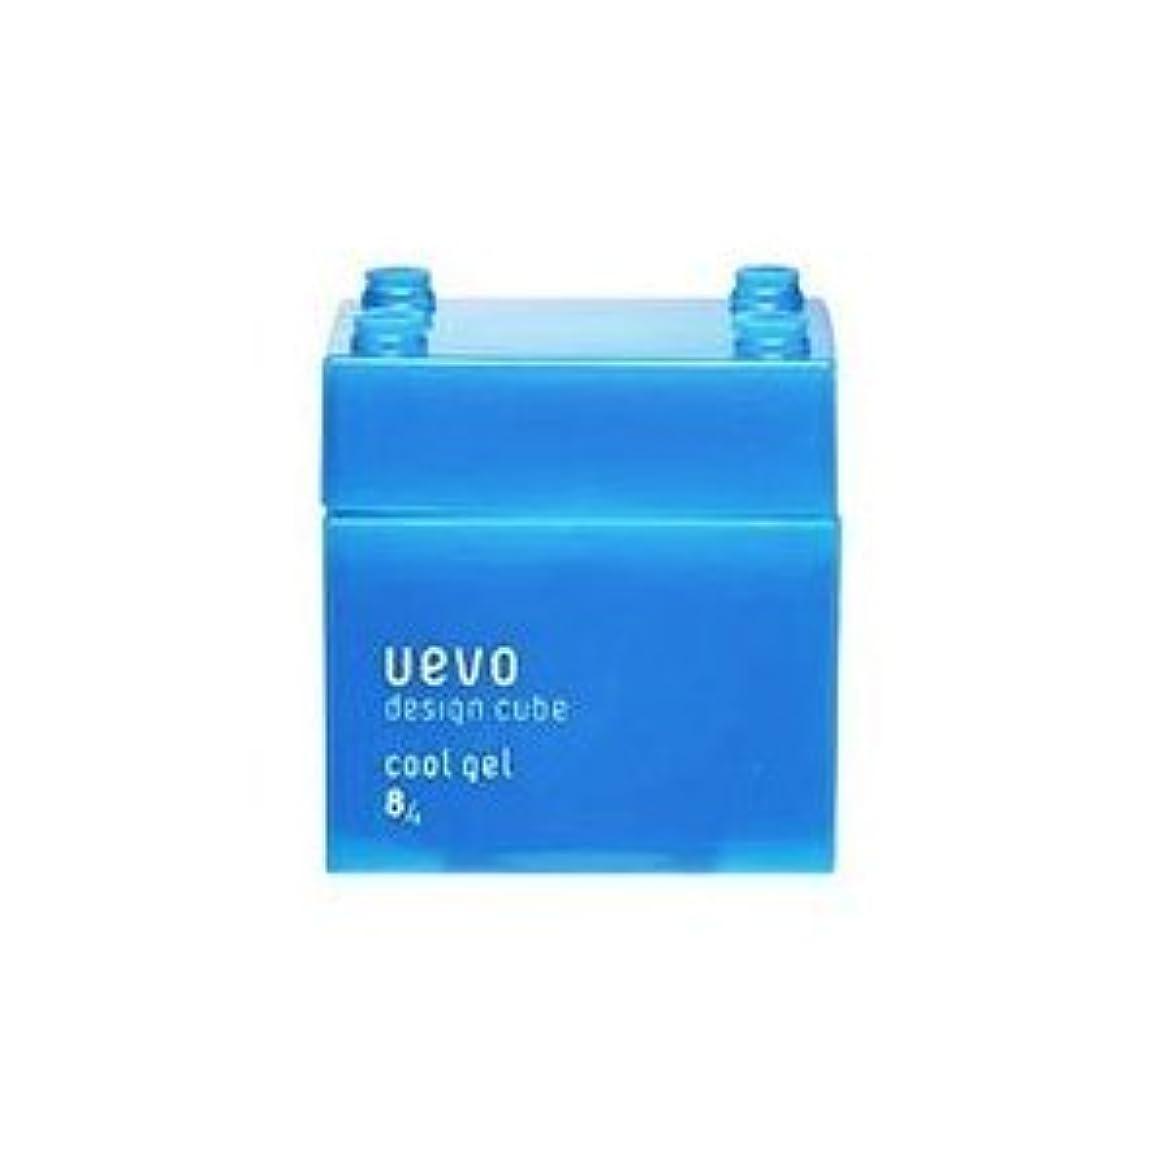 履歴書本質的ではないミサイル【X3個セット】 デミ ウェーボ デザインキューブ クールジェル 80g cool gel DEMI uevo design cube